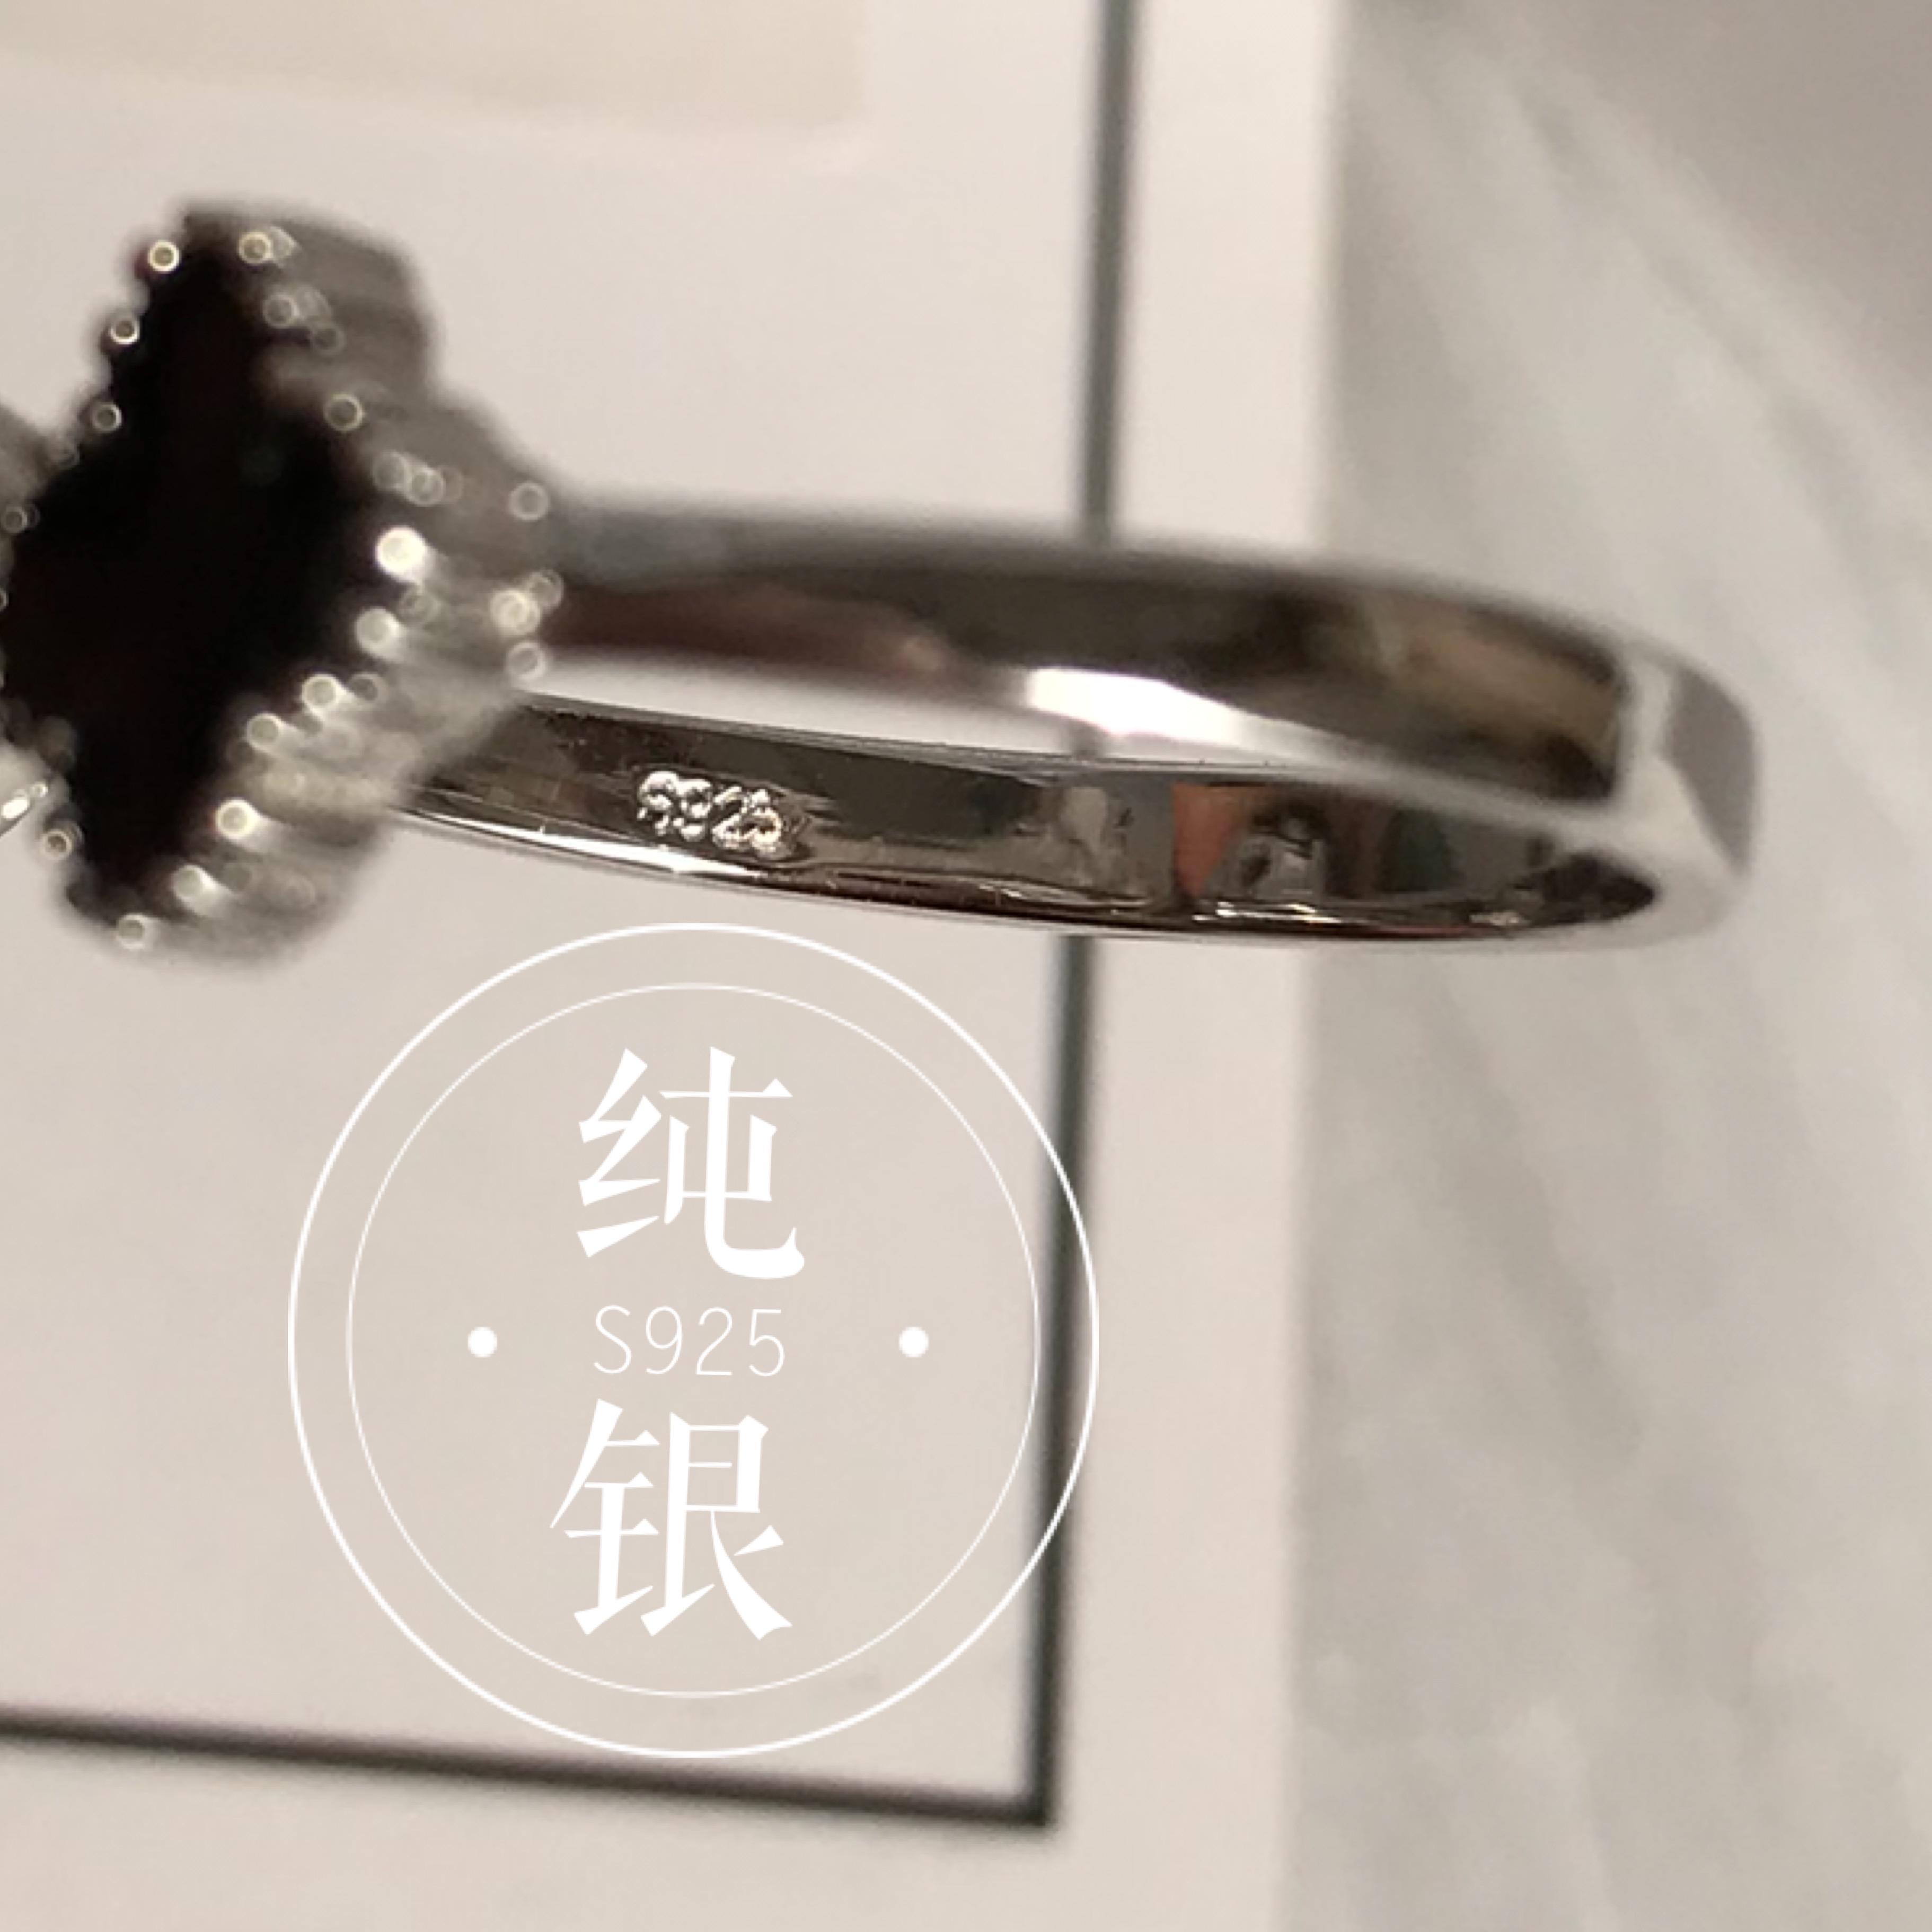 宝宝婴儿胎发纪念品新生儿胎毛纪念品diy手工制作四叶草戒指S925